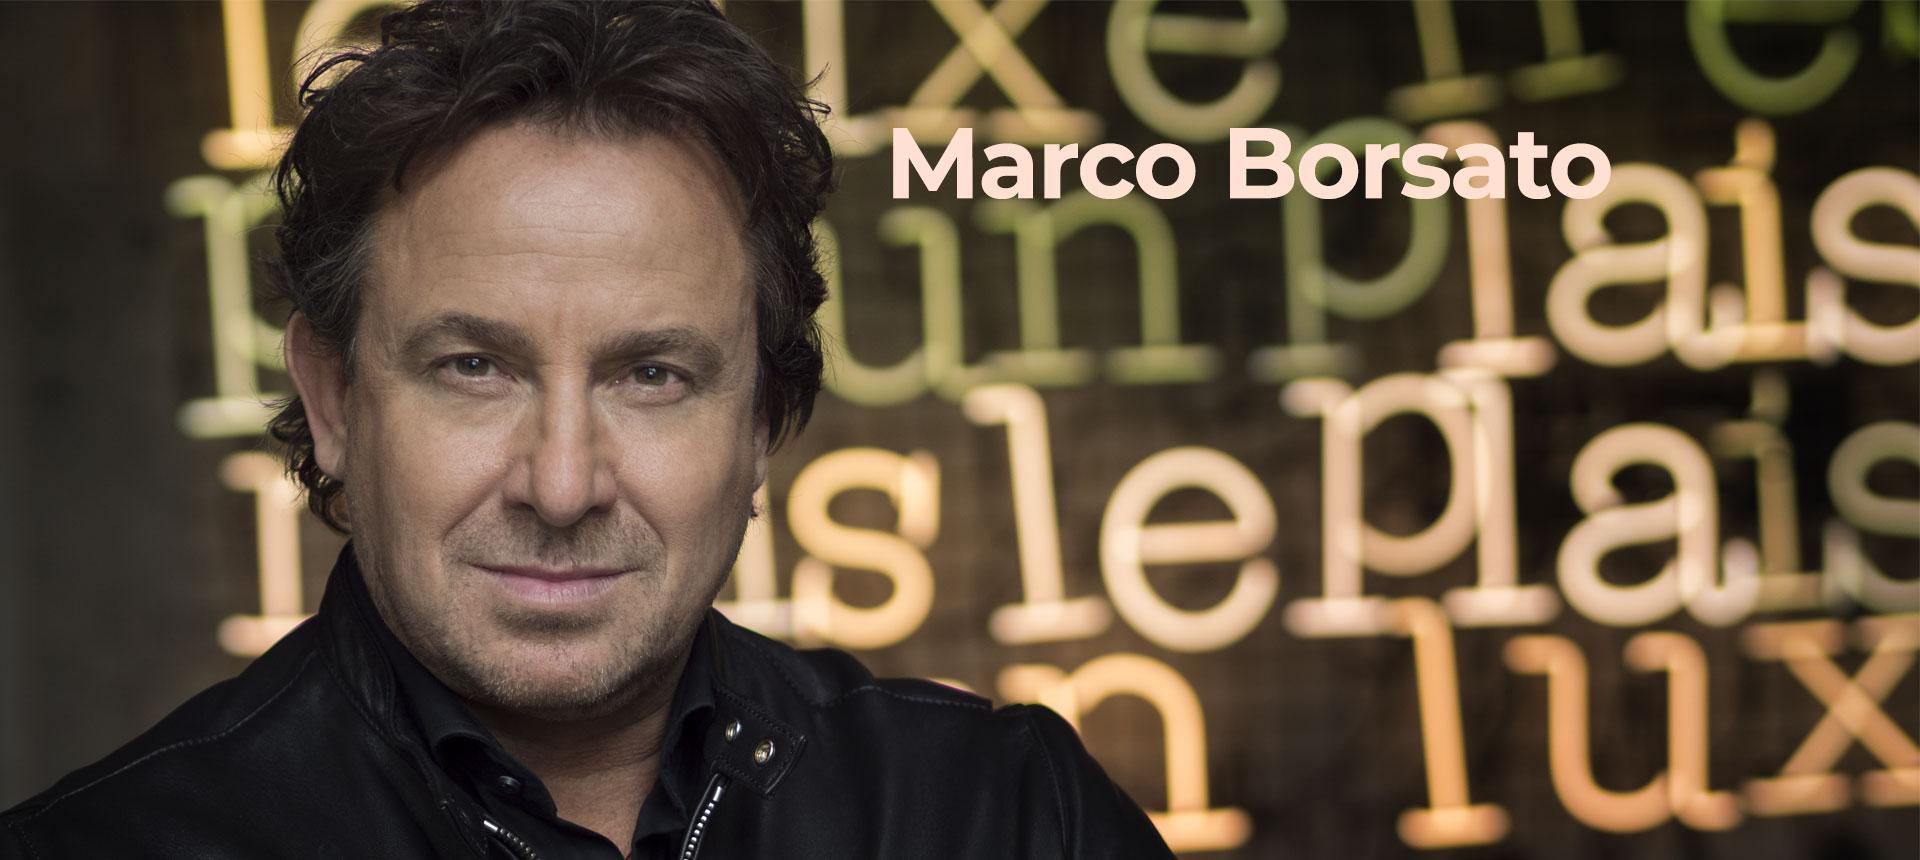 Marco-Borsato